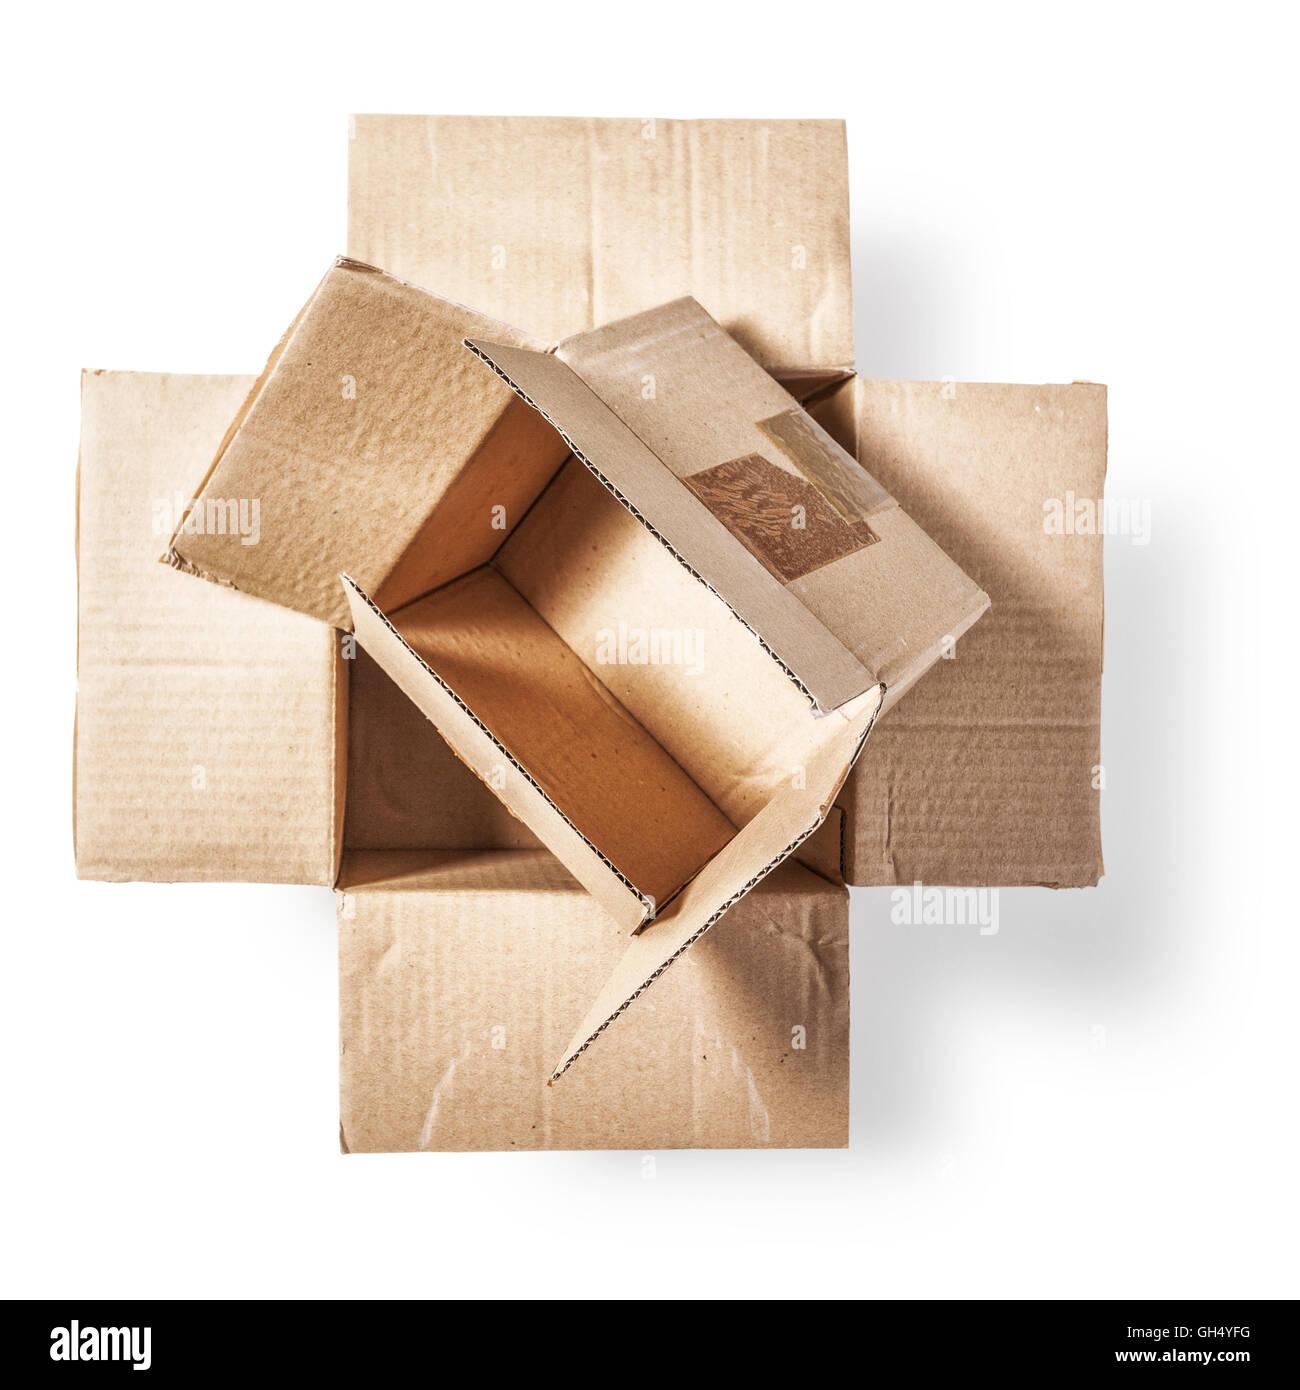 offene kartons verpackungsmaterial objekt isoliert auf wei em hintergrund mit. Black Bedroom Furniture Sets. Home Design Ideas